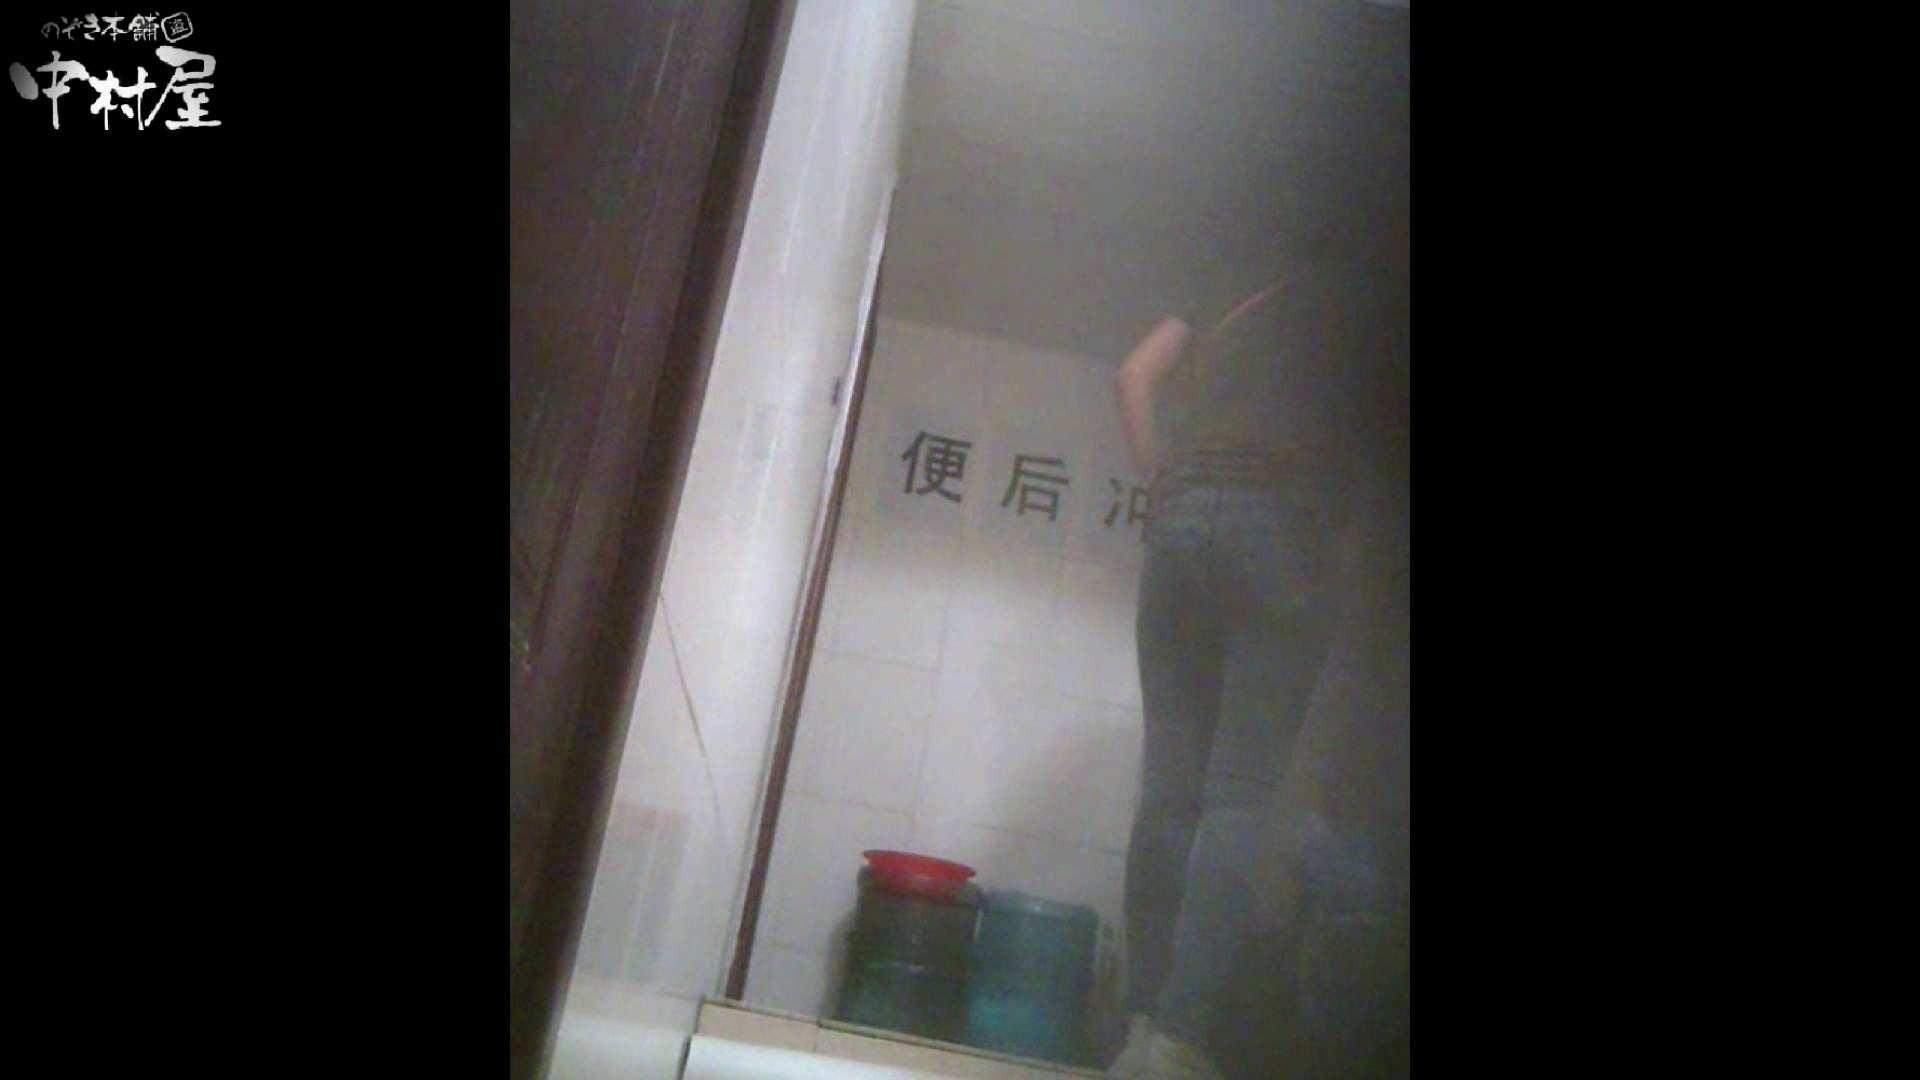 李さんの盗撮日記 Vol.03 女性トイレ アダルト動画キャプチャ 101pic 33